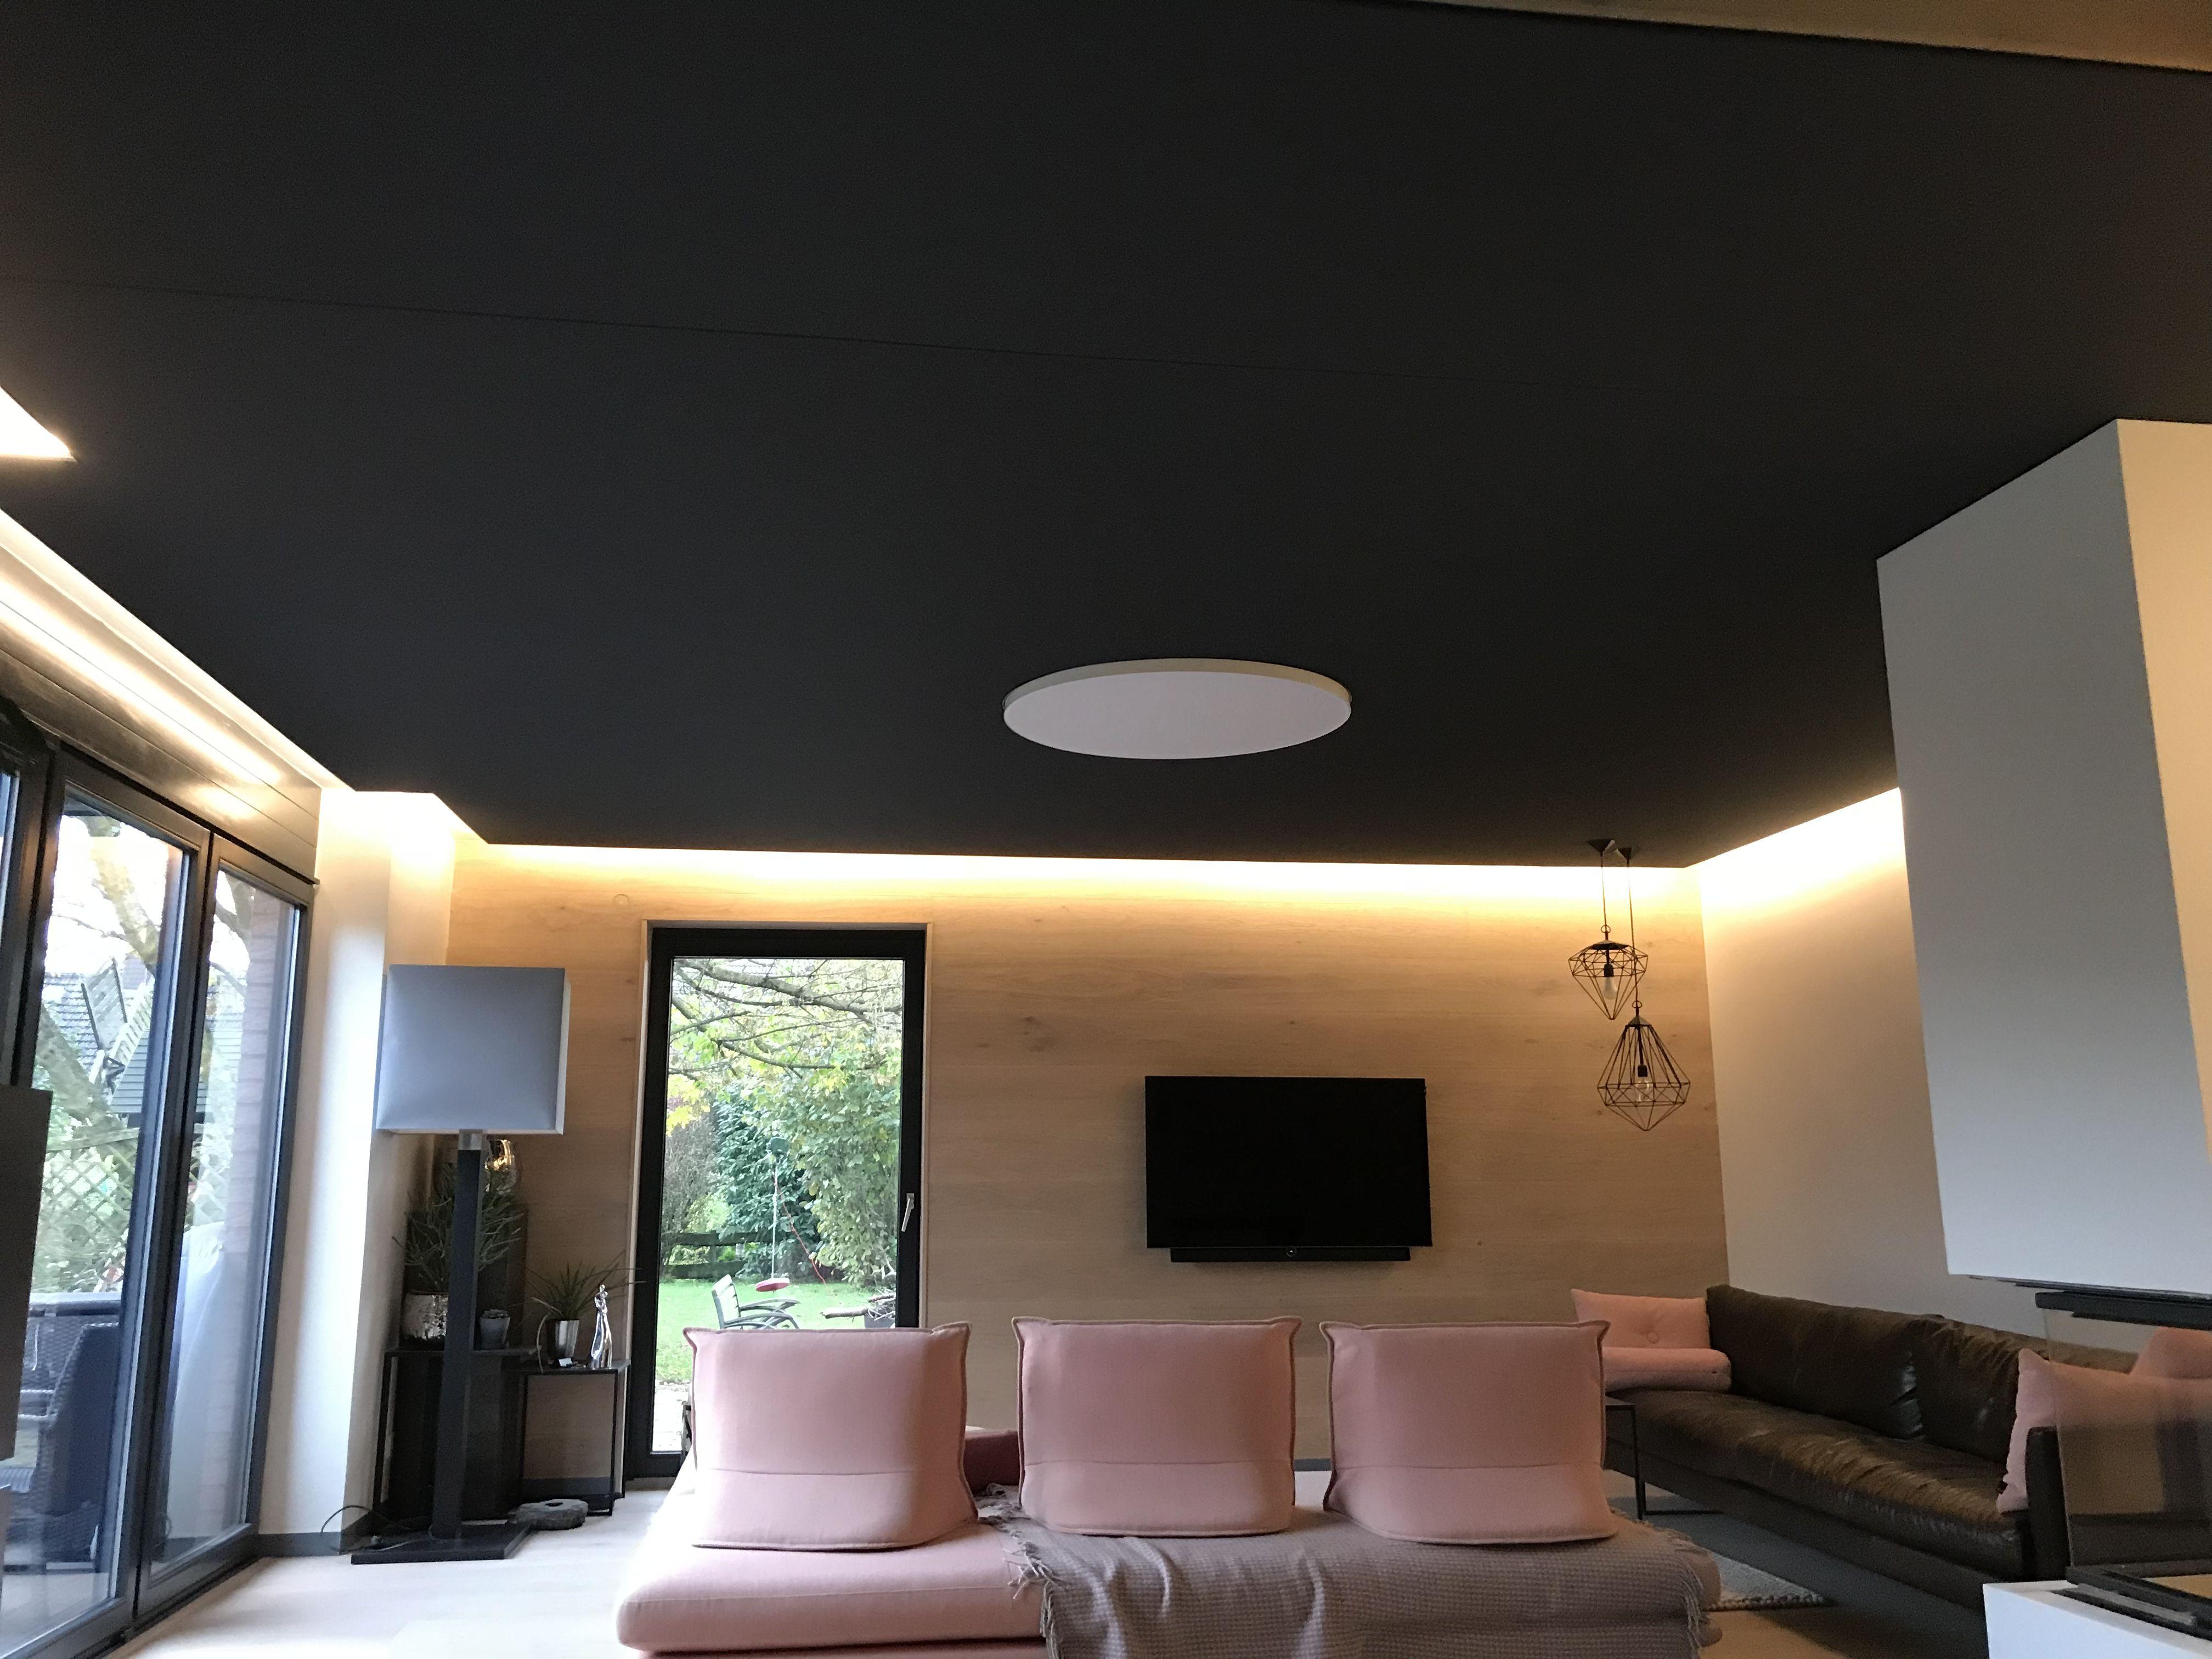 Gewebespanndecke In Anthrazit Mit Indirekter Beleuchtung Im Wohnzimmer Moderne Deckengestaltung Wohnzimmer Wohnzimmer Ideen